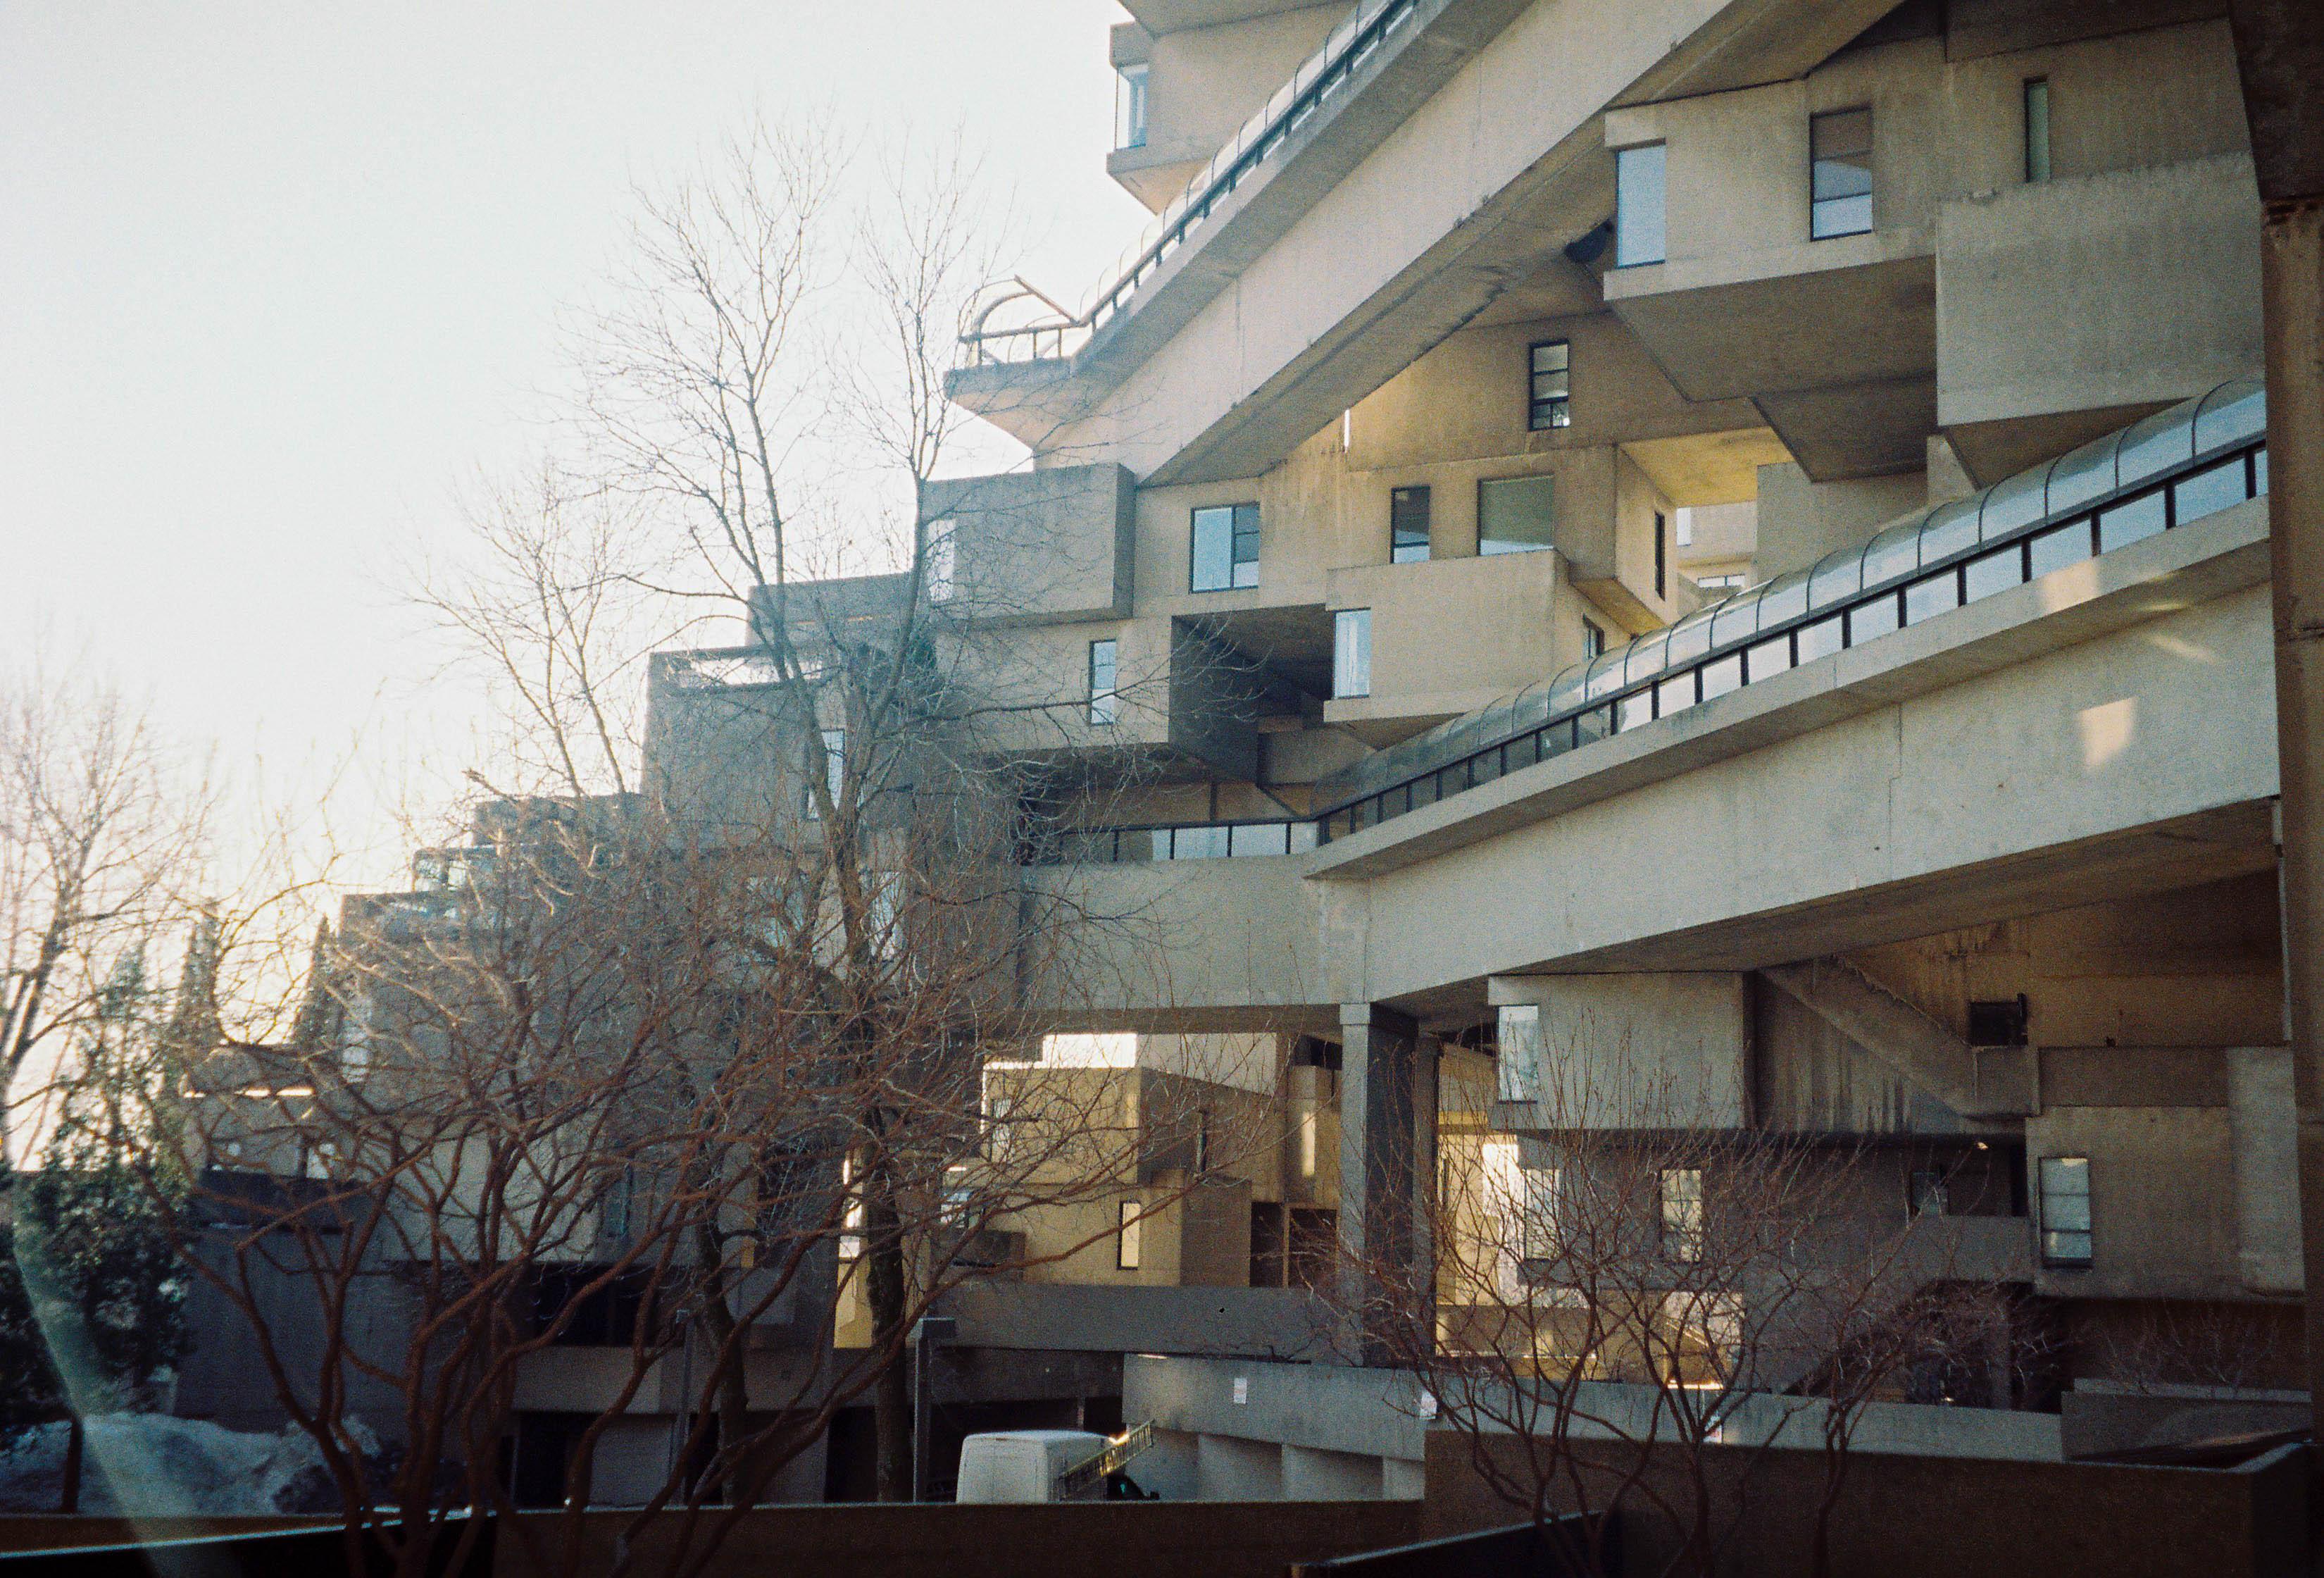 http://lafilladelfotografu.irenavisa.com/files/gimgs/103_f1000050-1.jpg